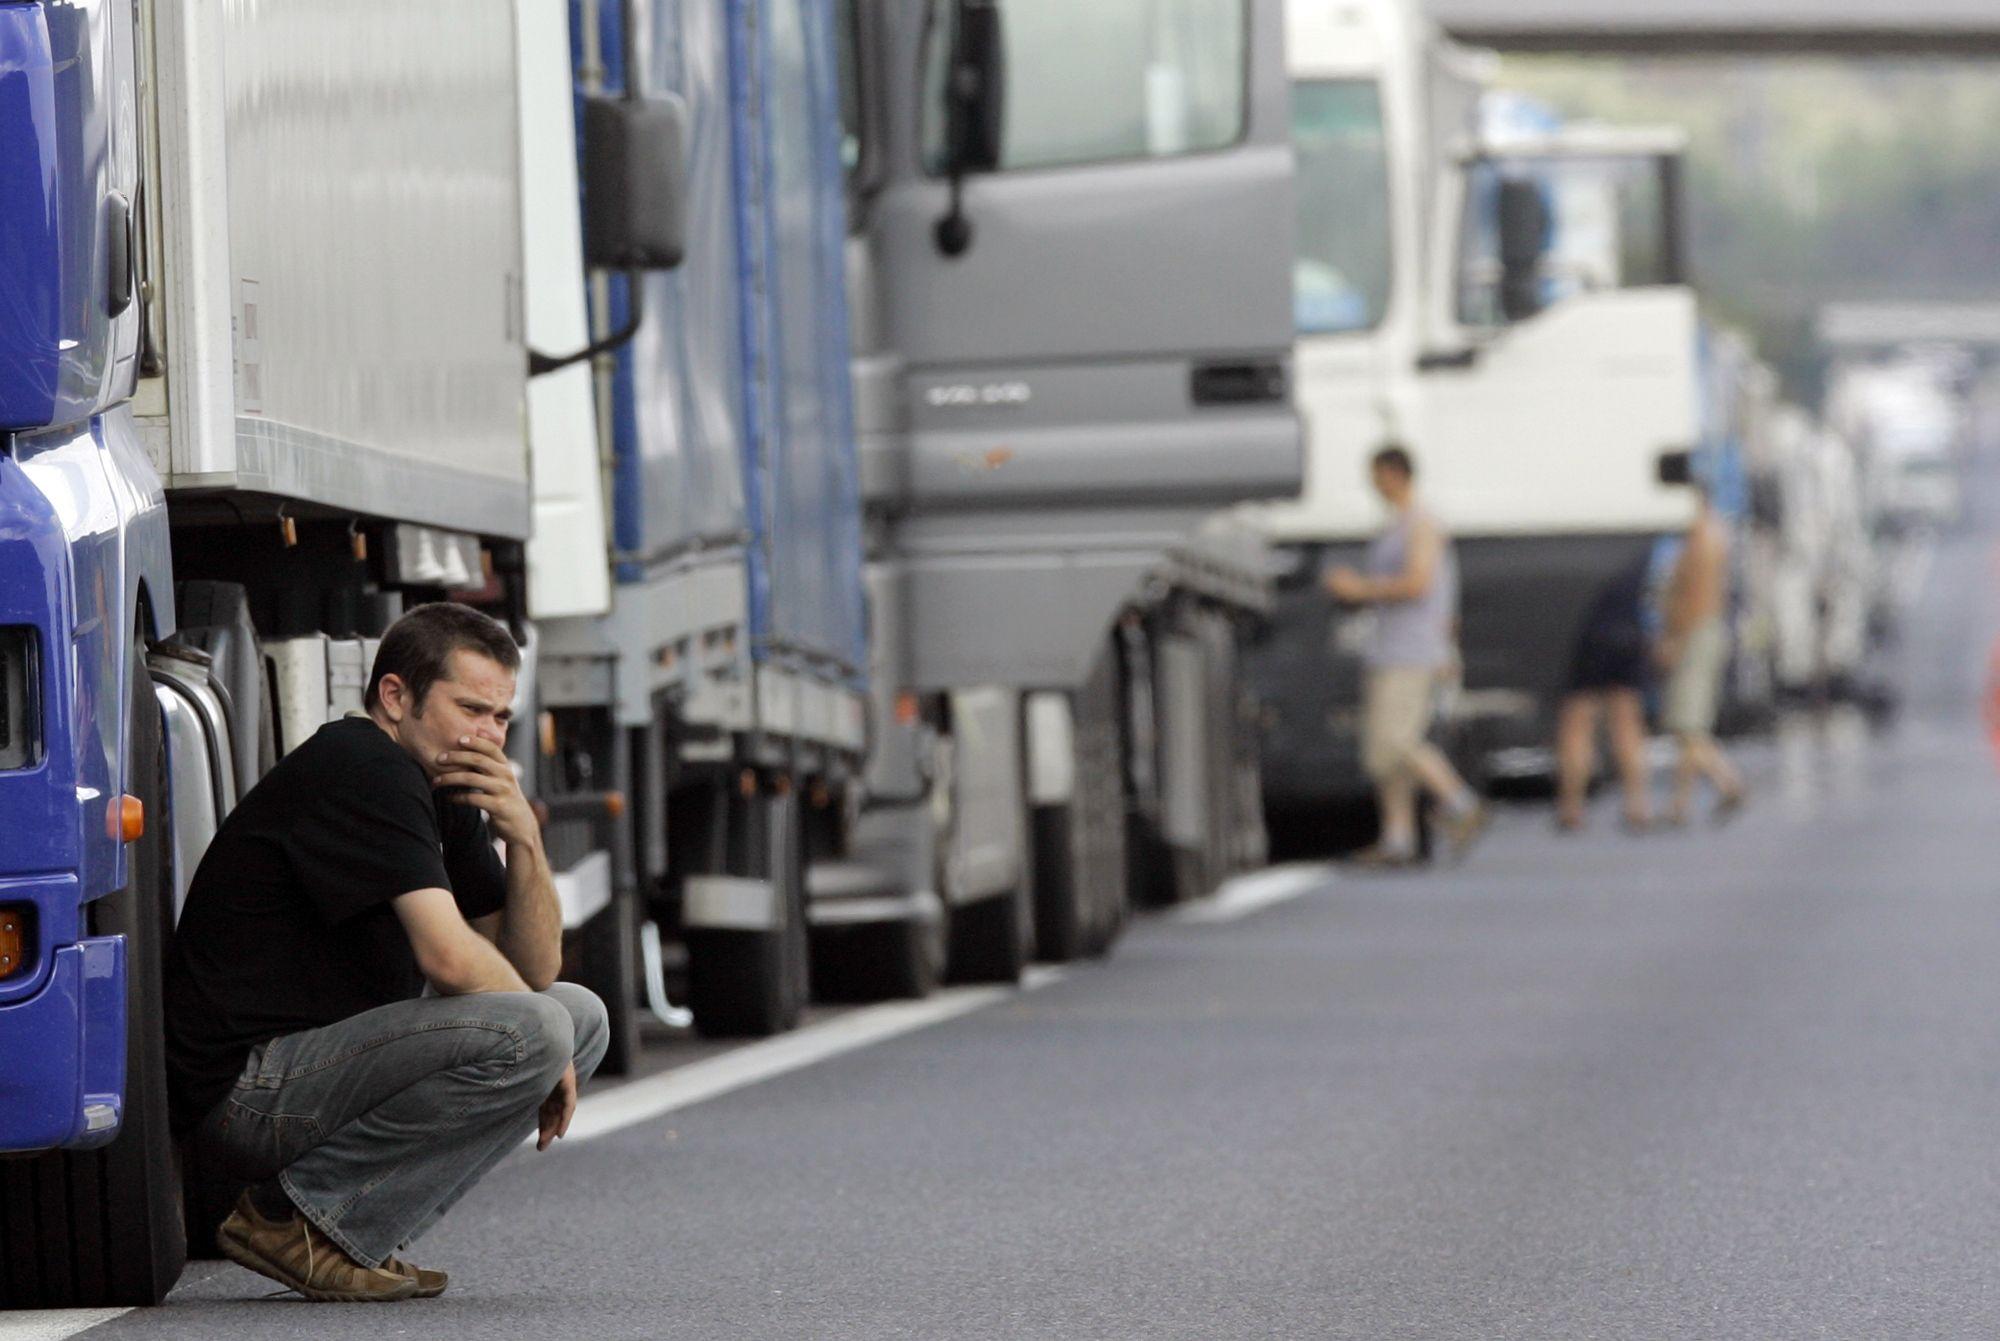 Aumenta la tensión en España por la huelga de transportistas